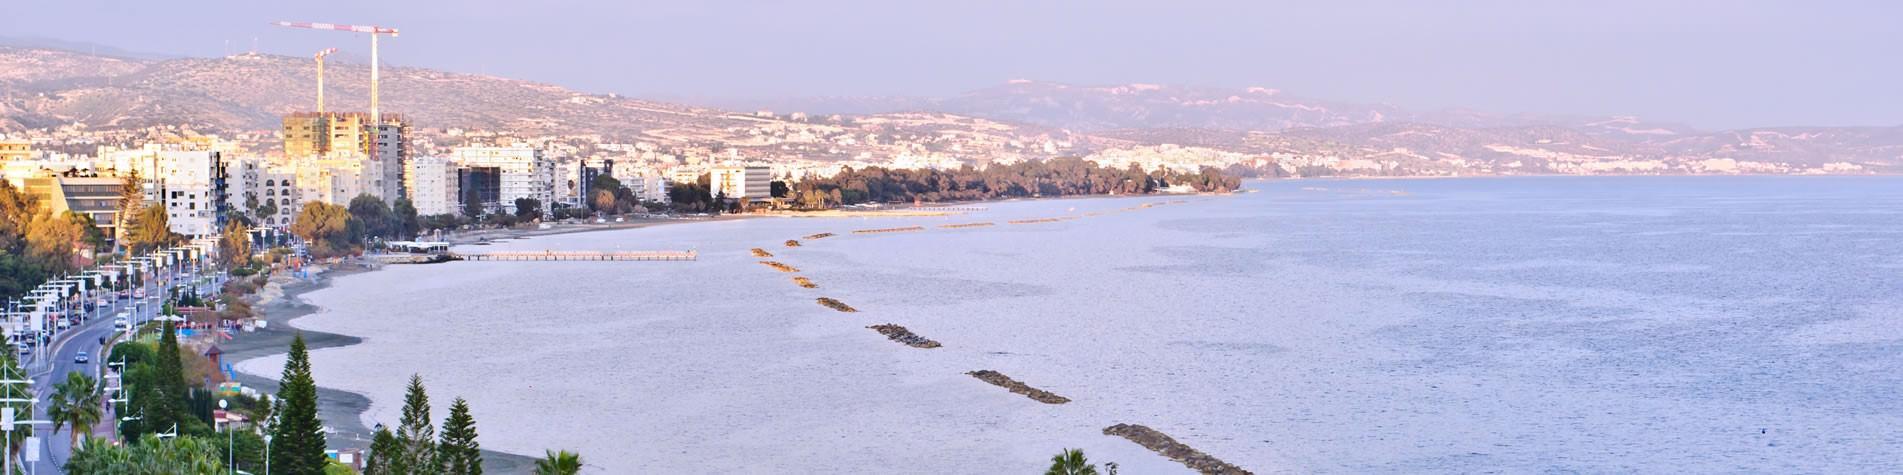 Limassol Holidays with Cyplon Holidays